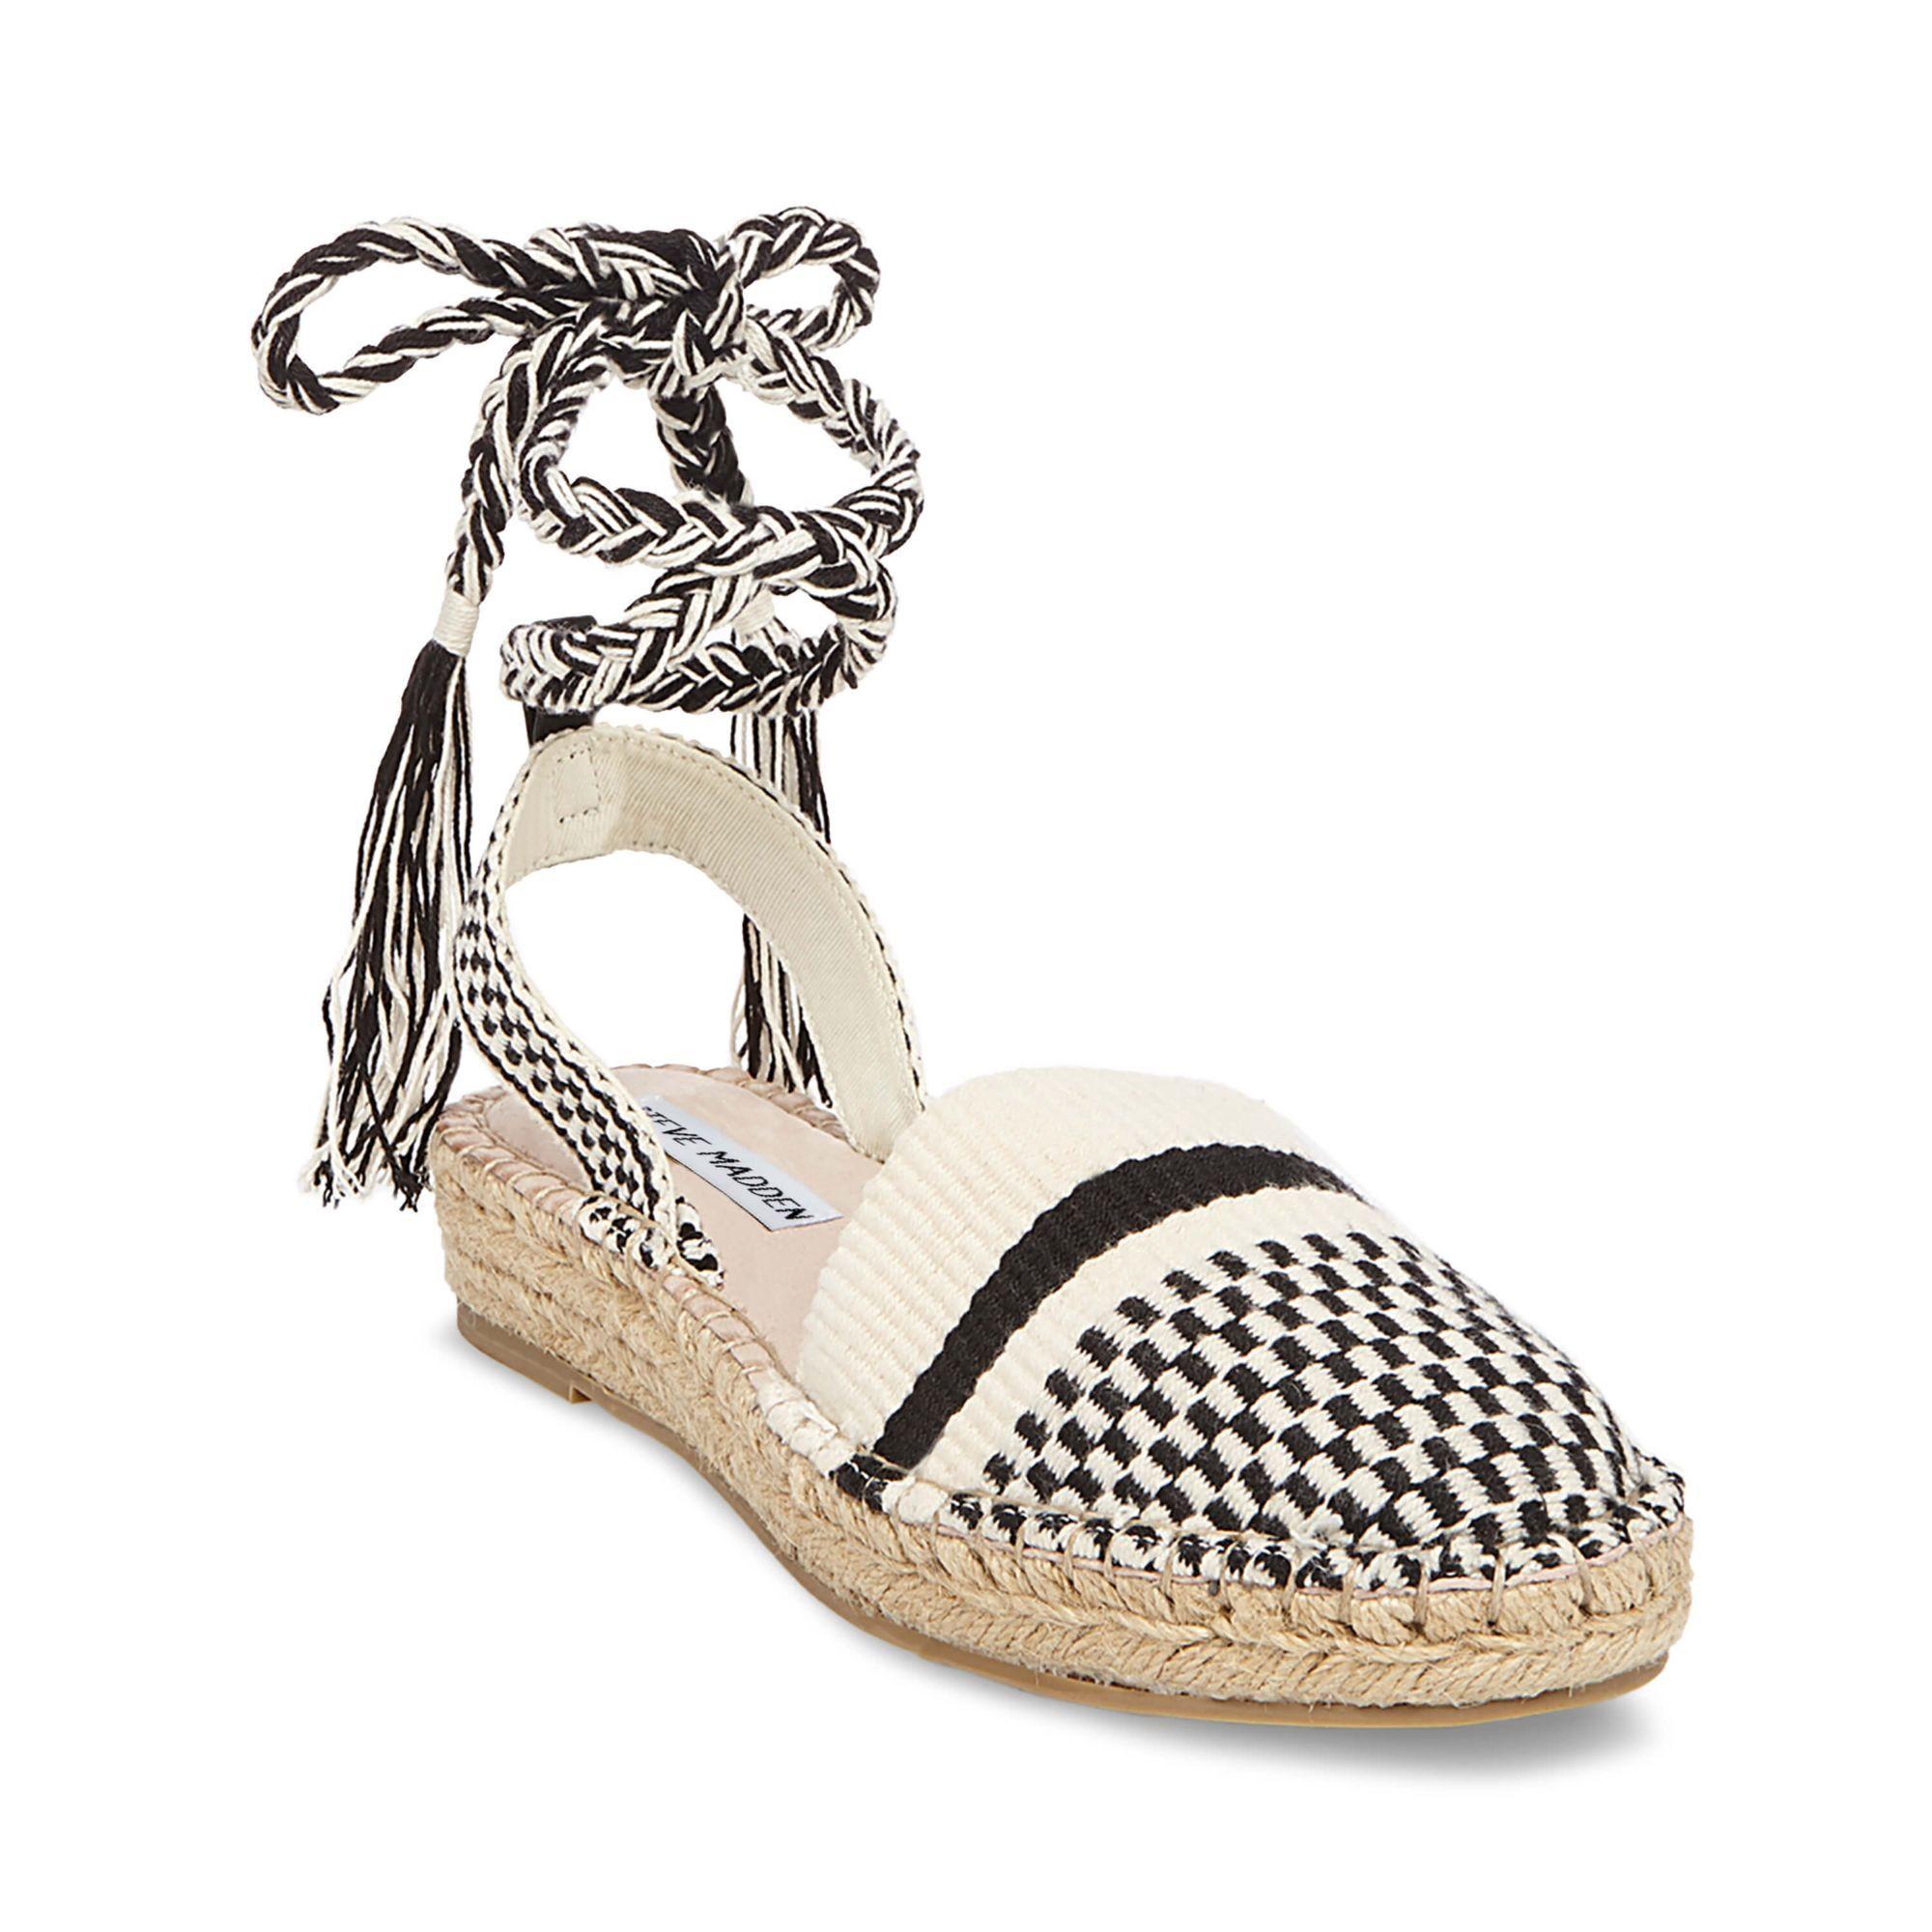 529ed9baea3 STEVE MADDEN MESA.  stevemadden  shoes